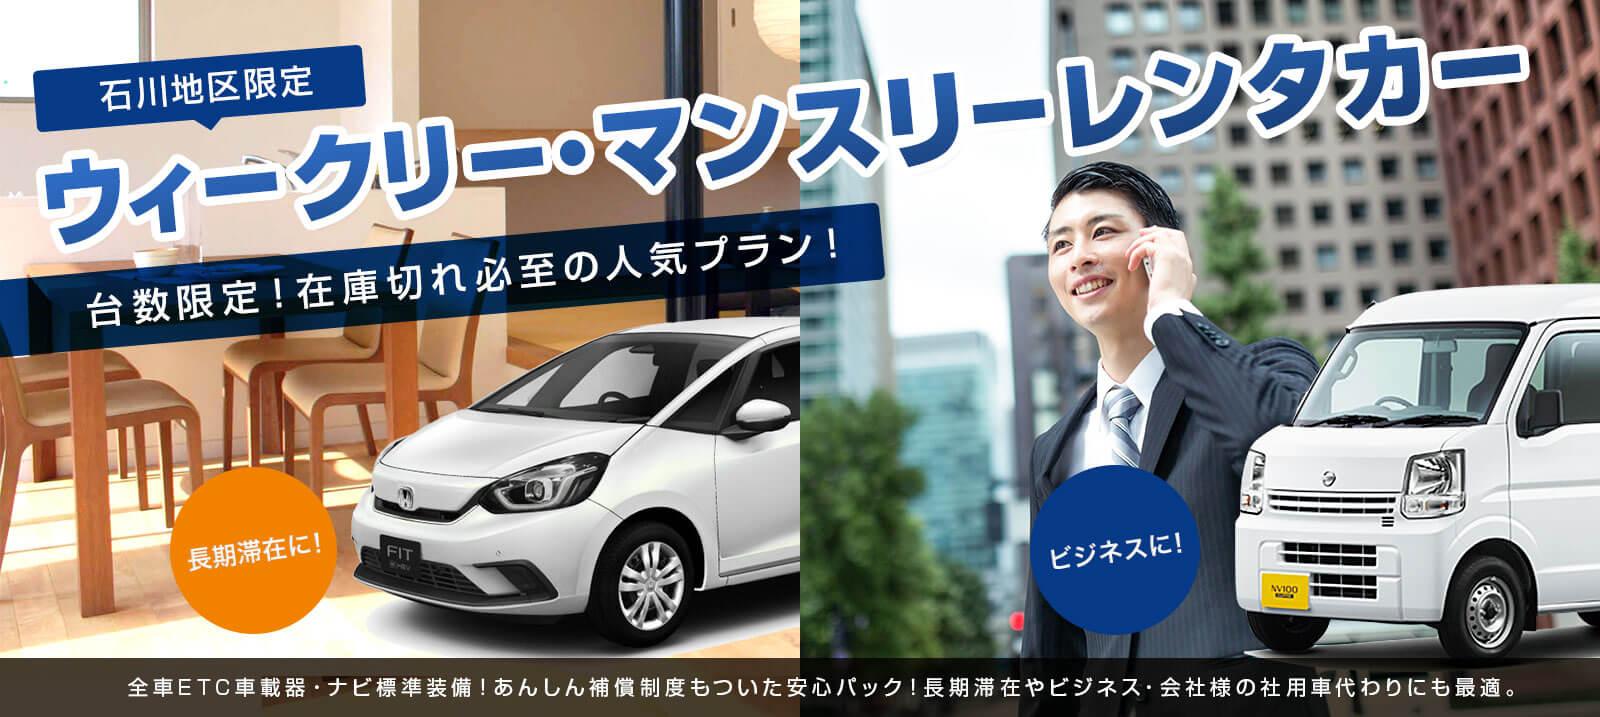 石川地区限定 ウィークリー・マンスリーレンタカー【電話予約限定】